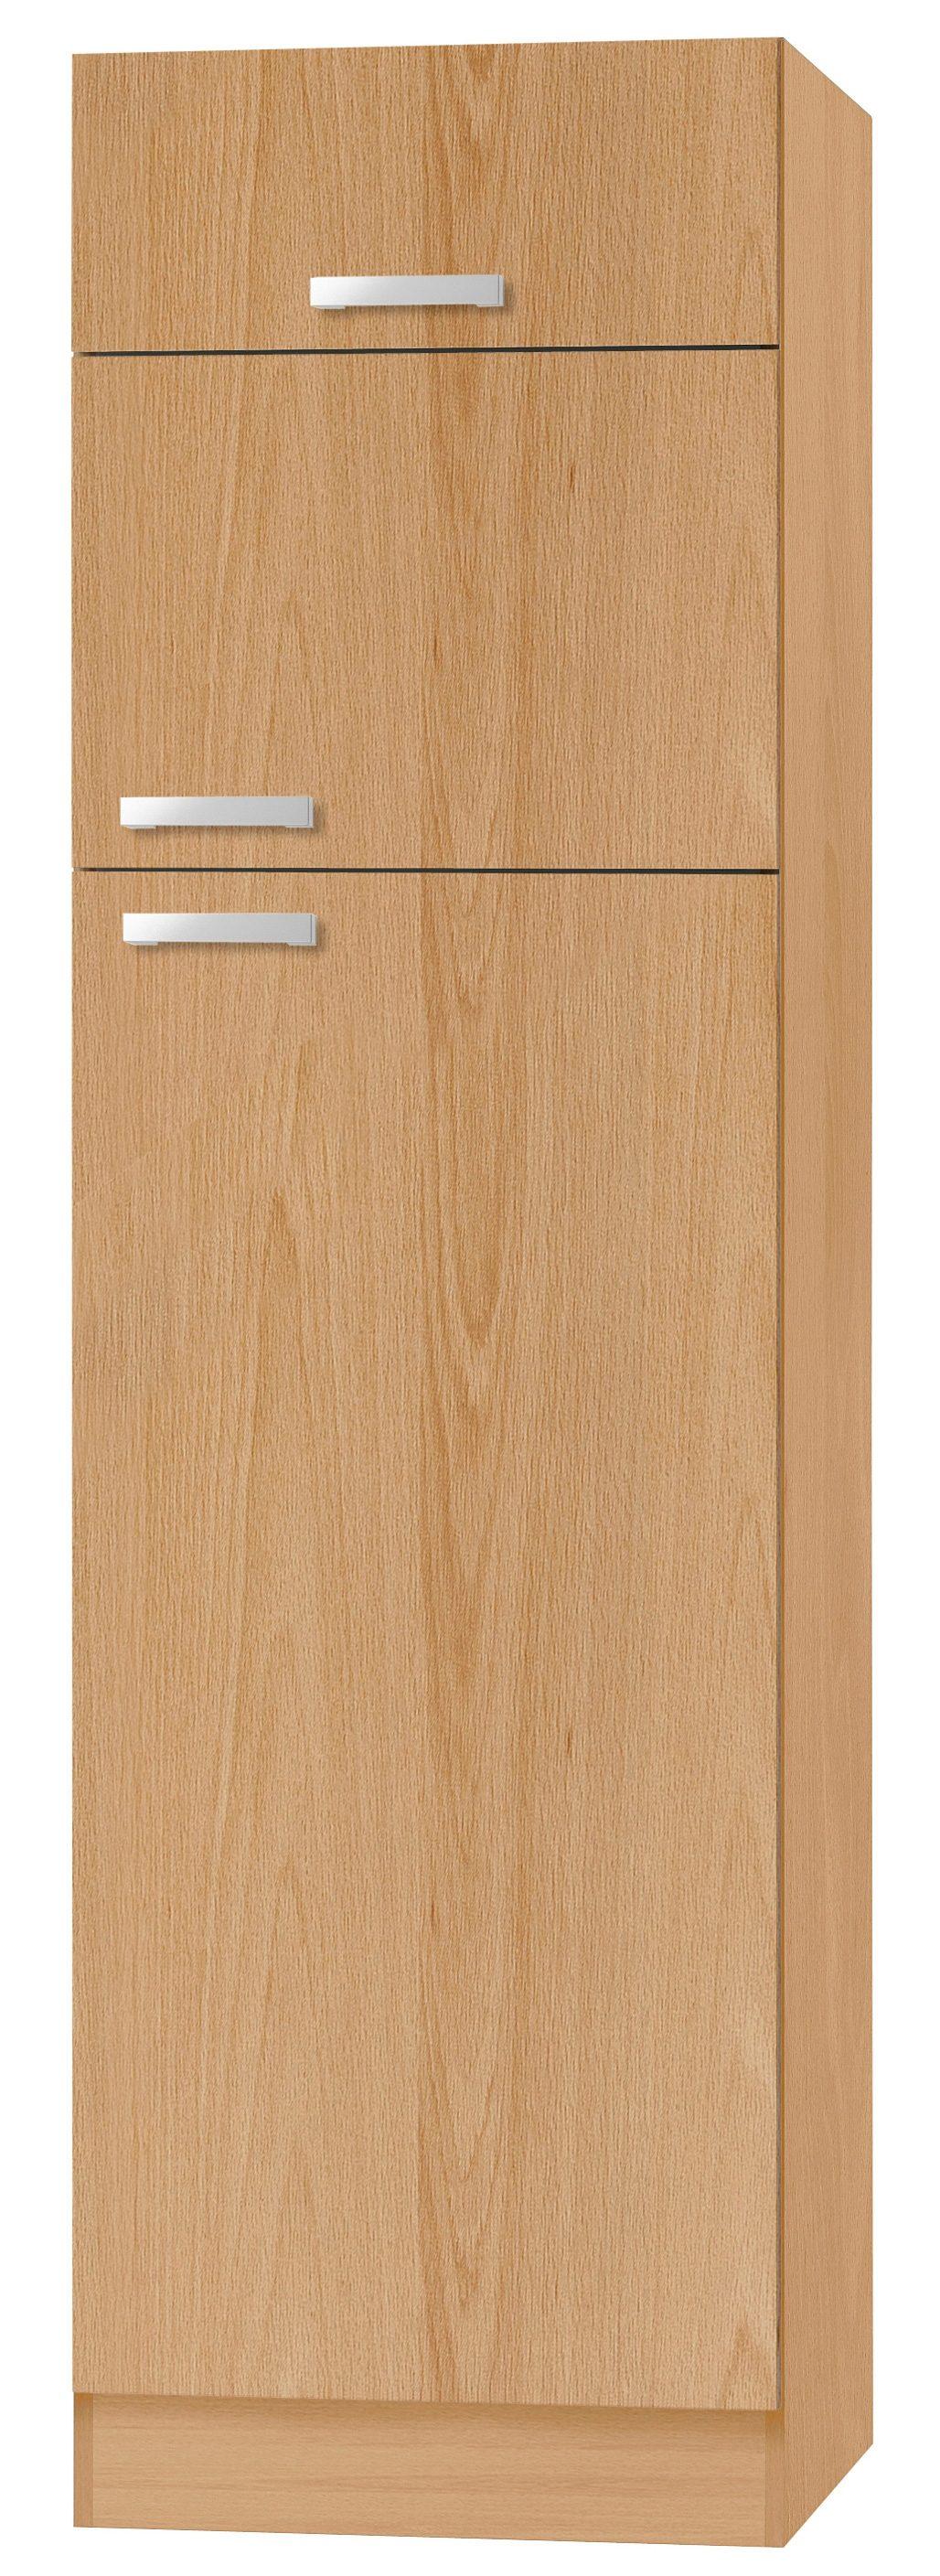 Kühlumbauschrank OPTIFIT Odense | Küche und Esszimmer > Küchenschränke > Umbauschränke | Nachbildung - Melamin | Optifit